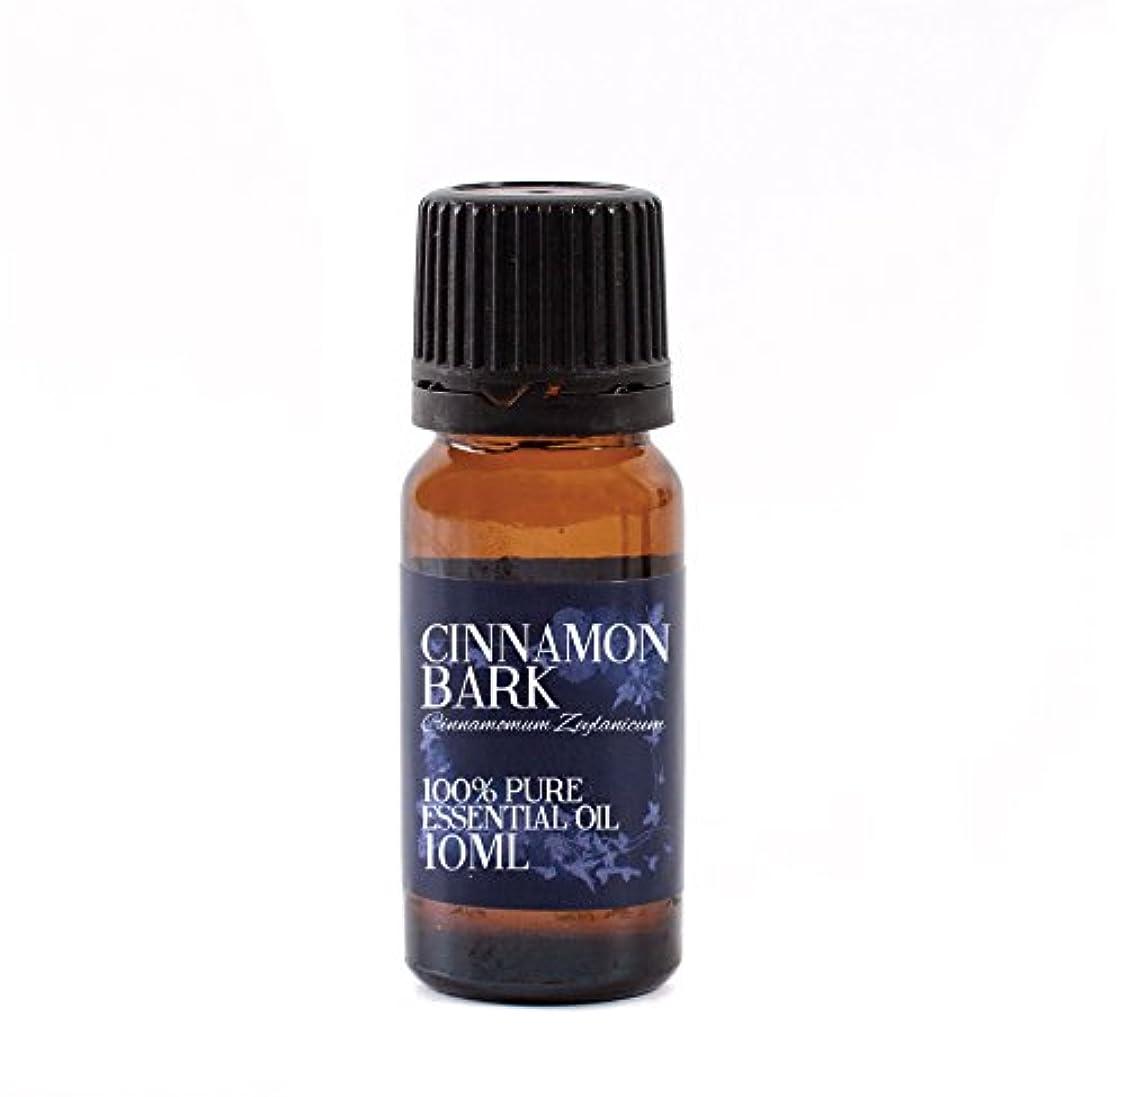 ヘルメットボイコット過言Mystic Moments | Cinnamon Bark Essential Oil - 10ml - 100% Pure